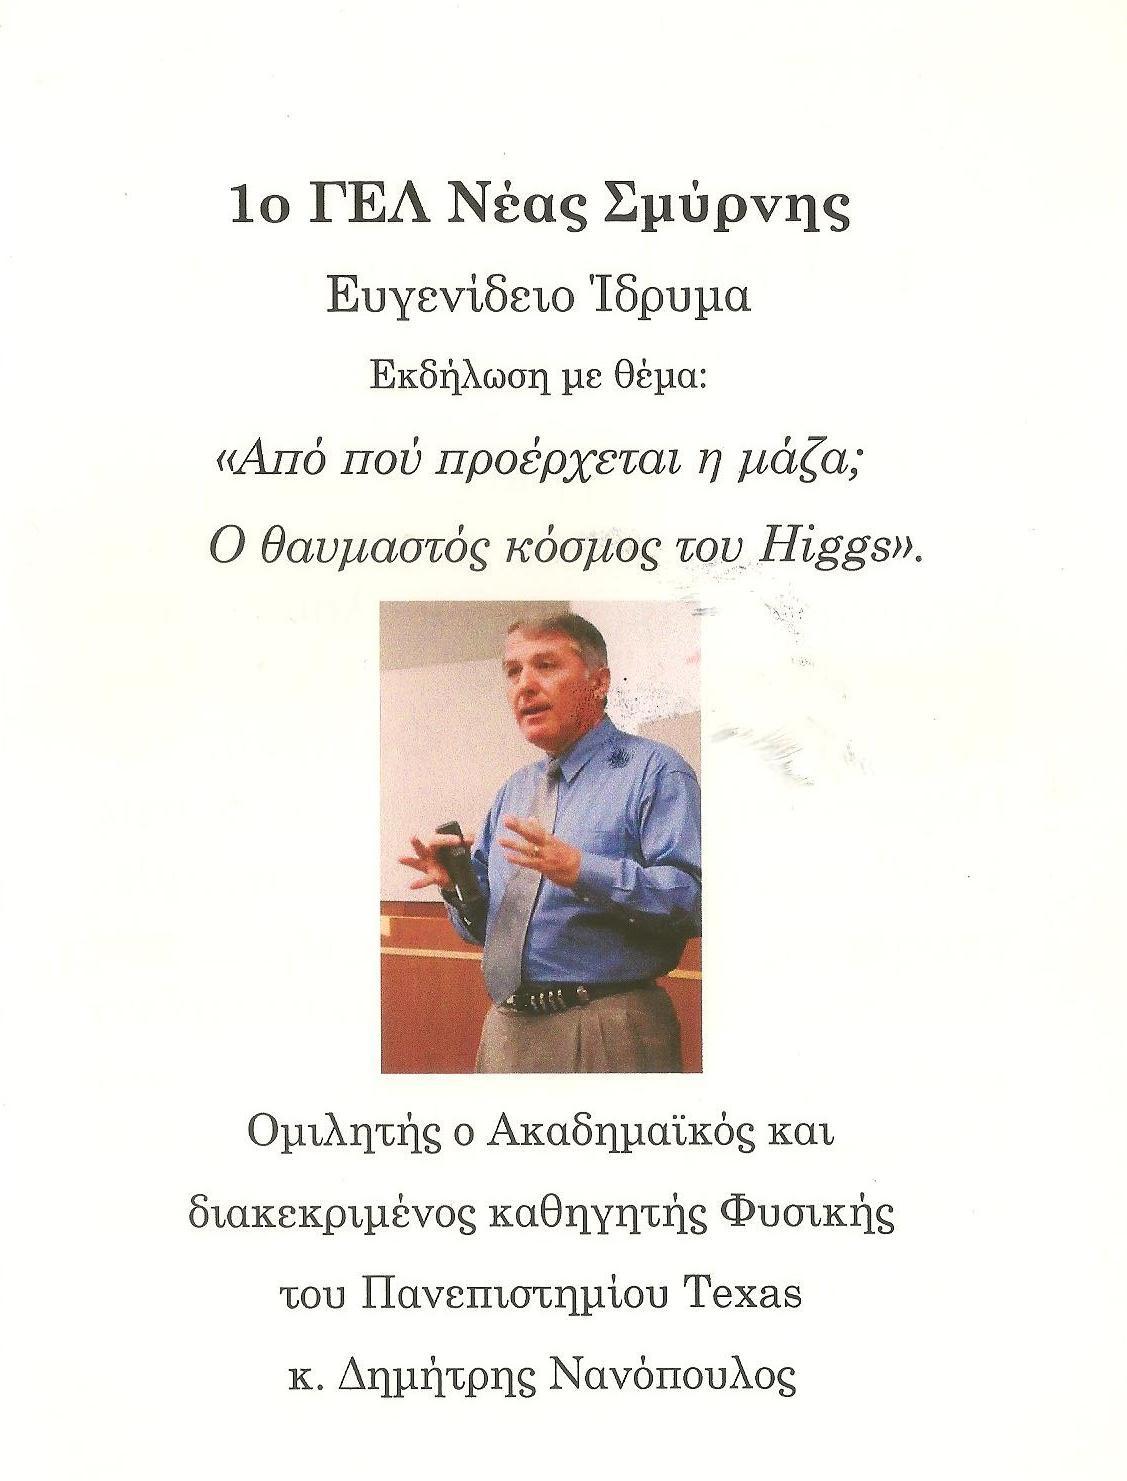 ΝΑΝΟΠΟΥΛΟΣ 001